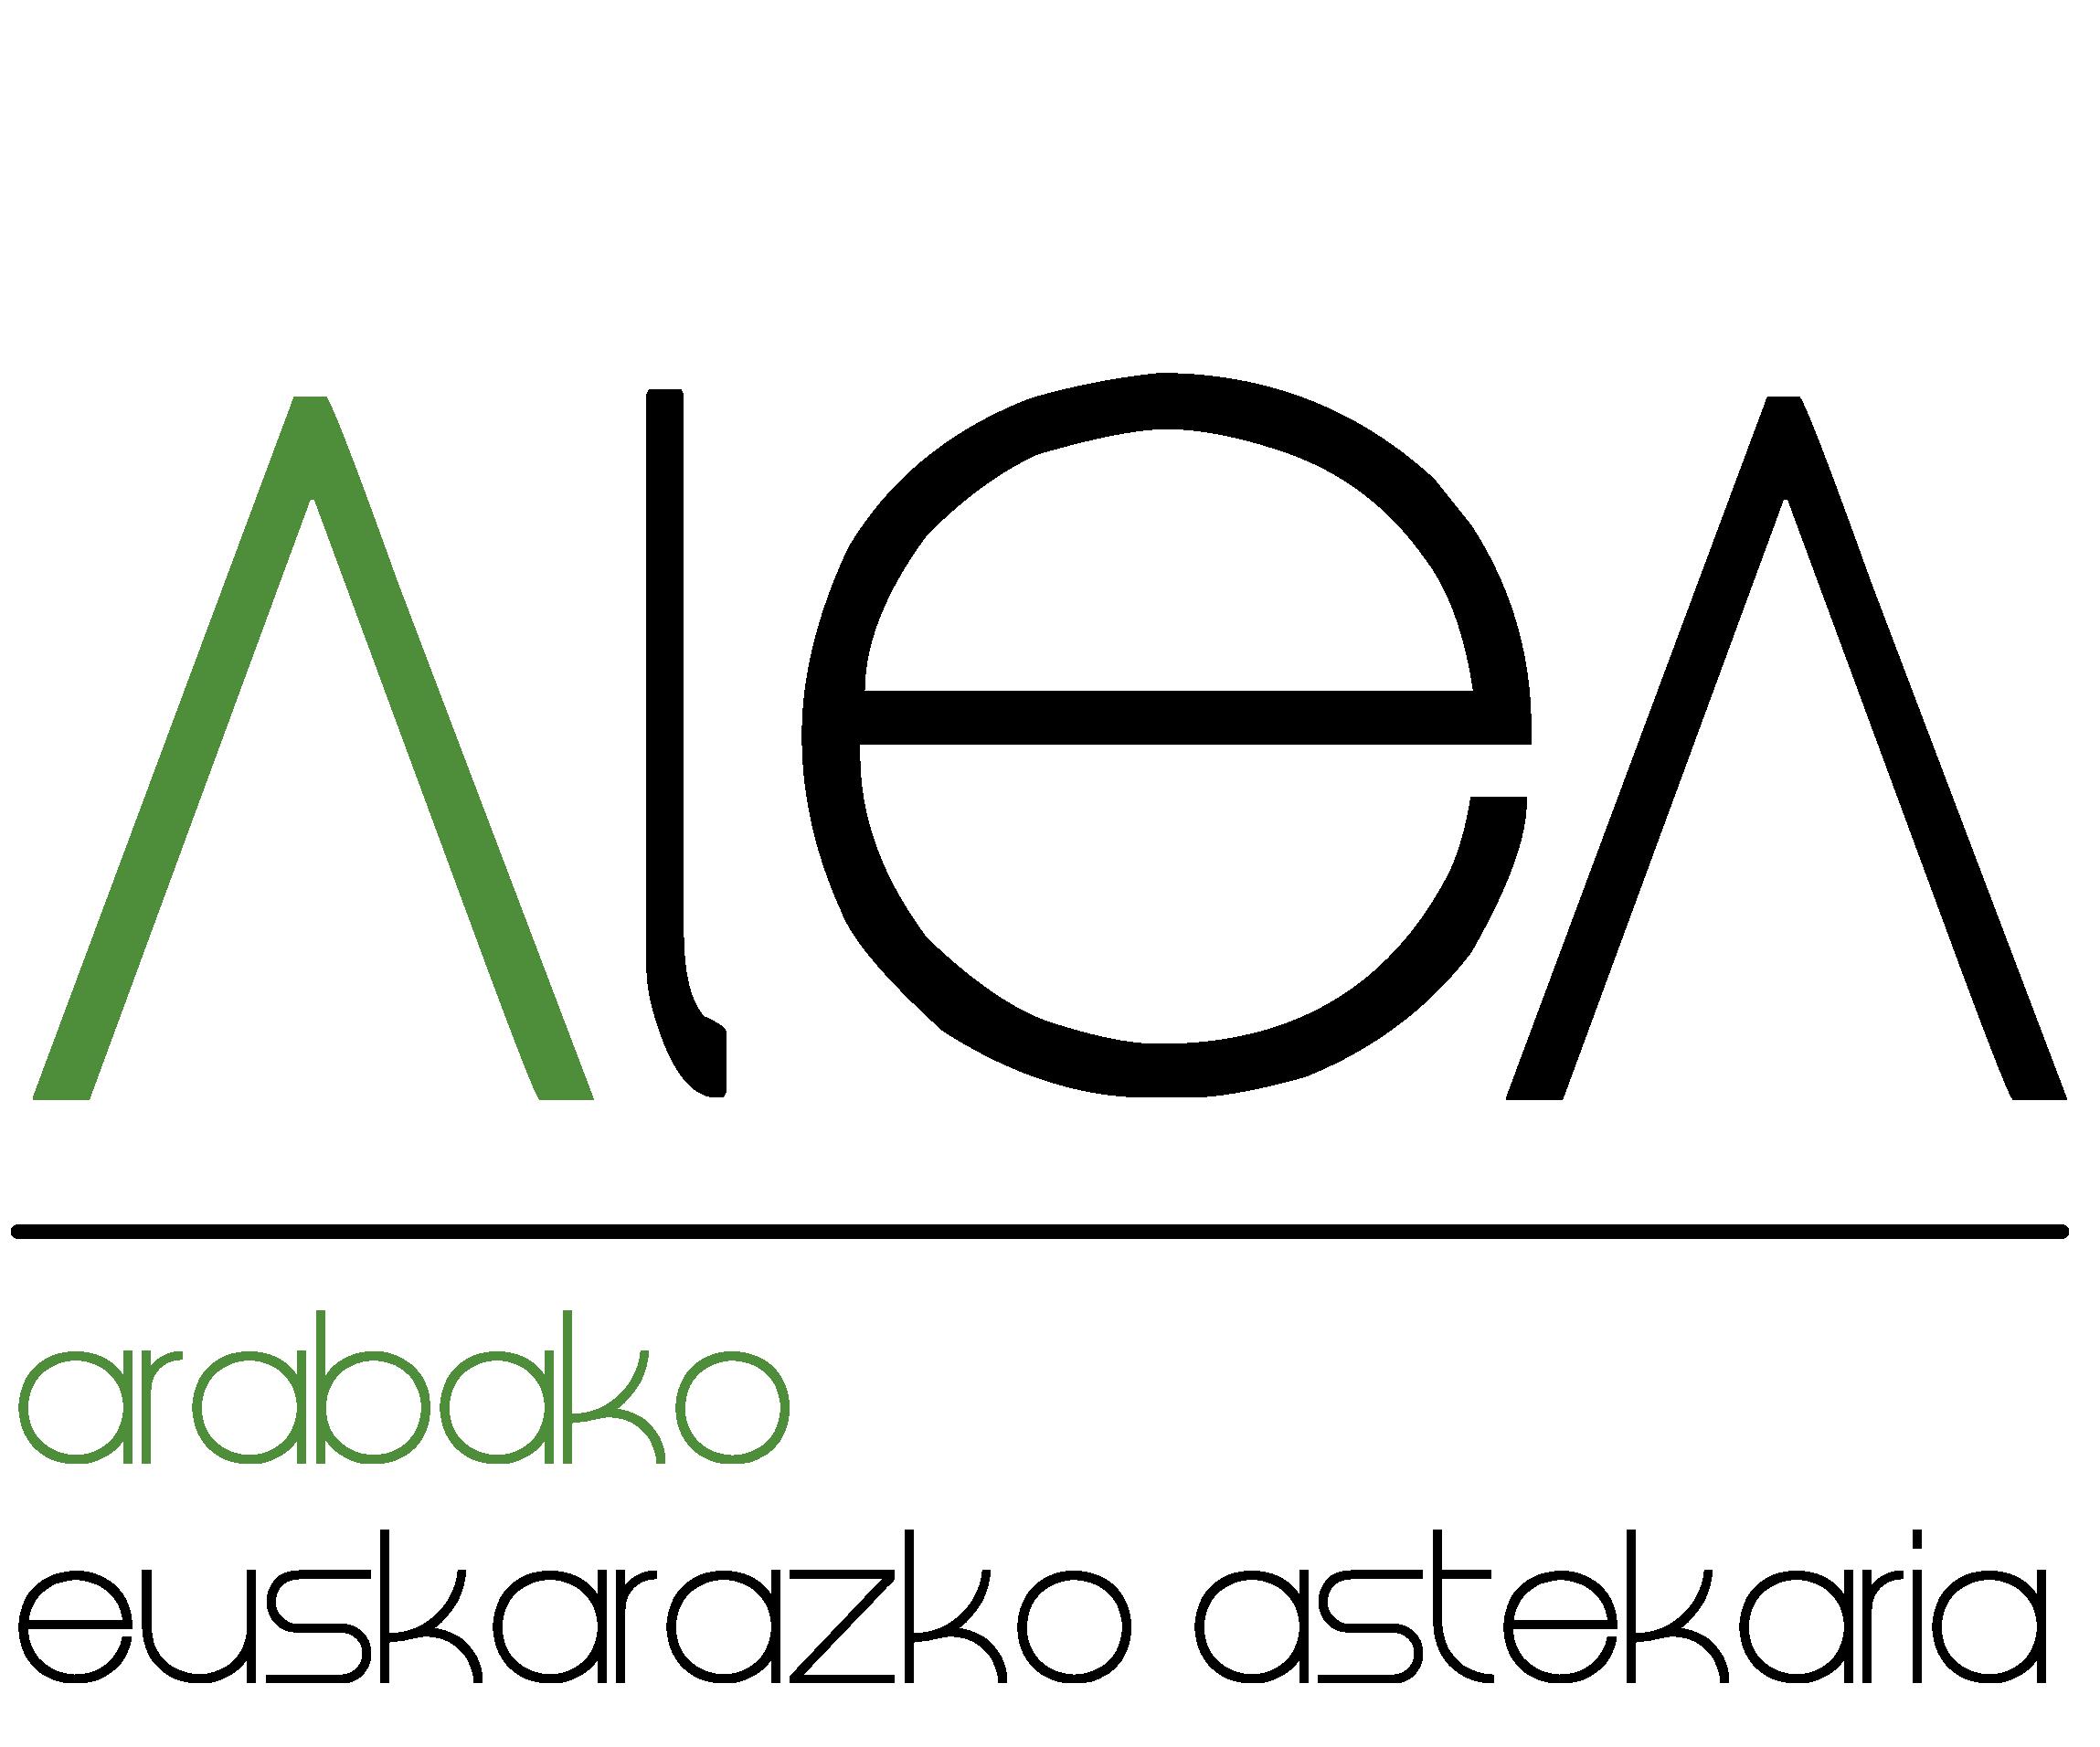 ig karratu - alea logotipoa2